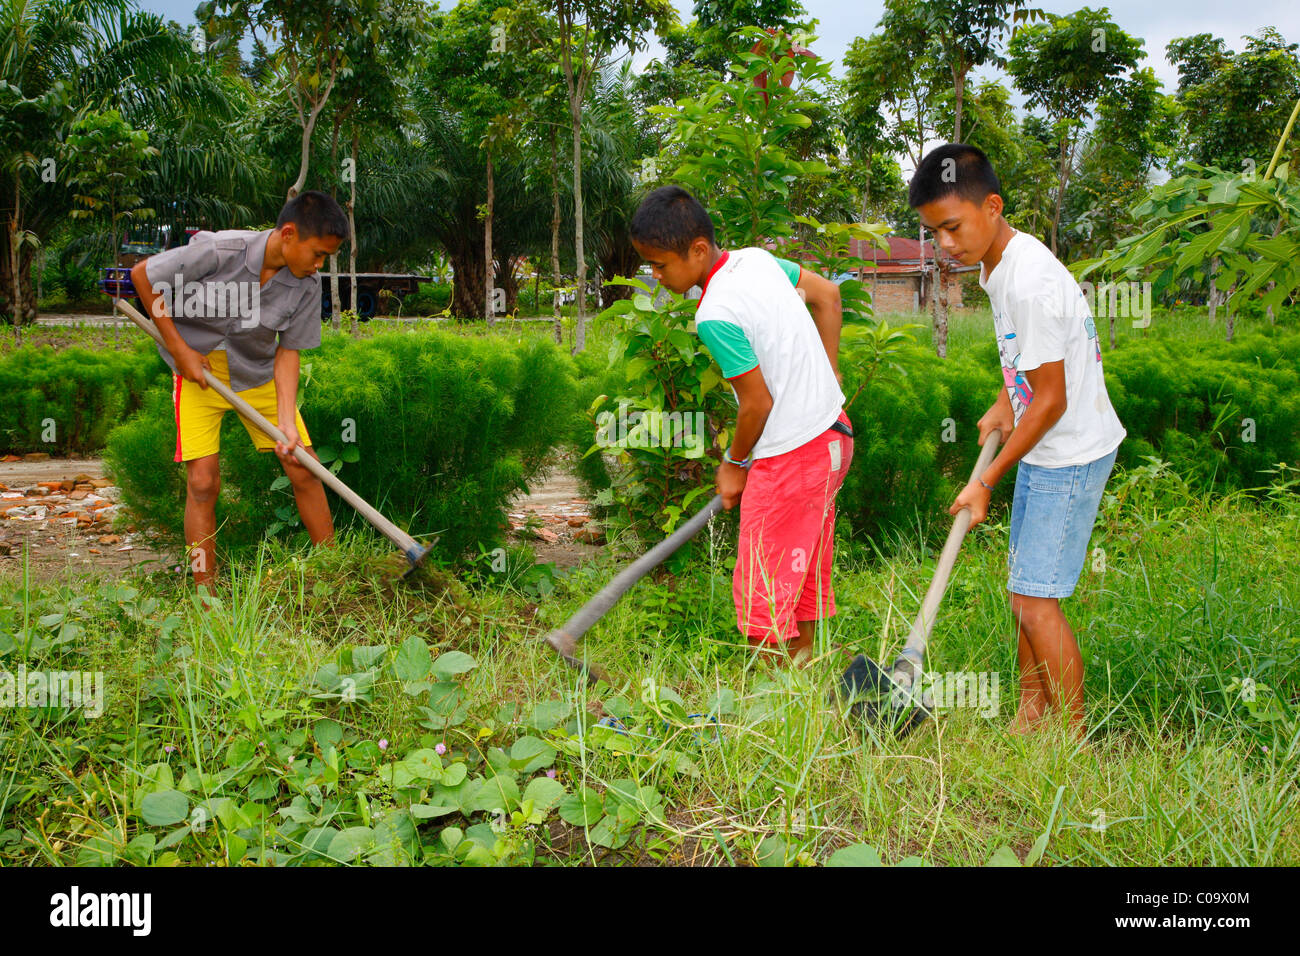 Children gardening in the vegetable garden  Margaritha children s home   Marihat  Batak region  Sumatra island  Indonesia  Asia. Children Gardening In The Vegetable Garden  Margaritha Children s